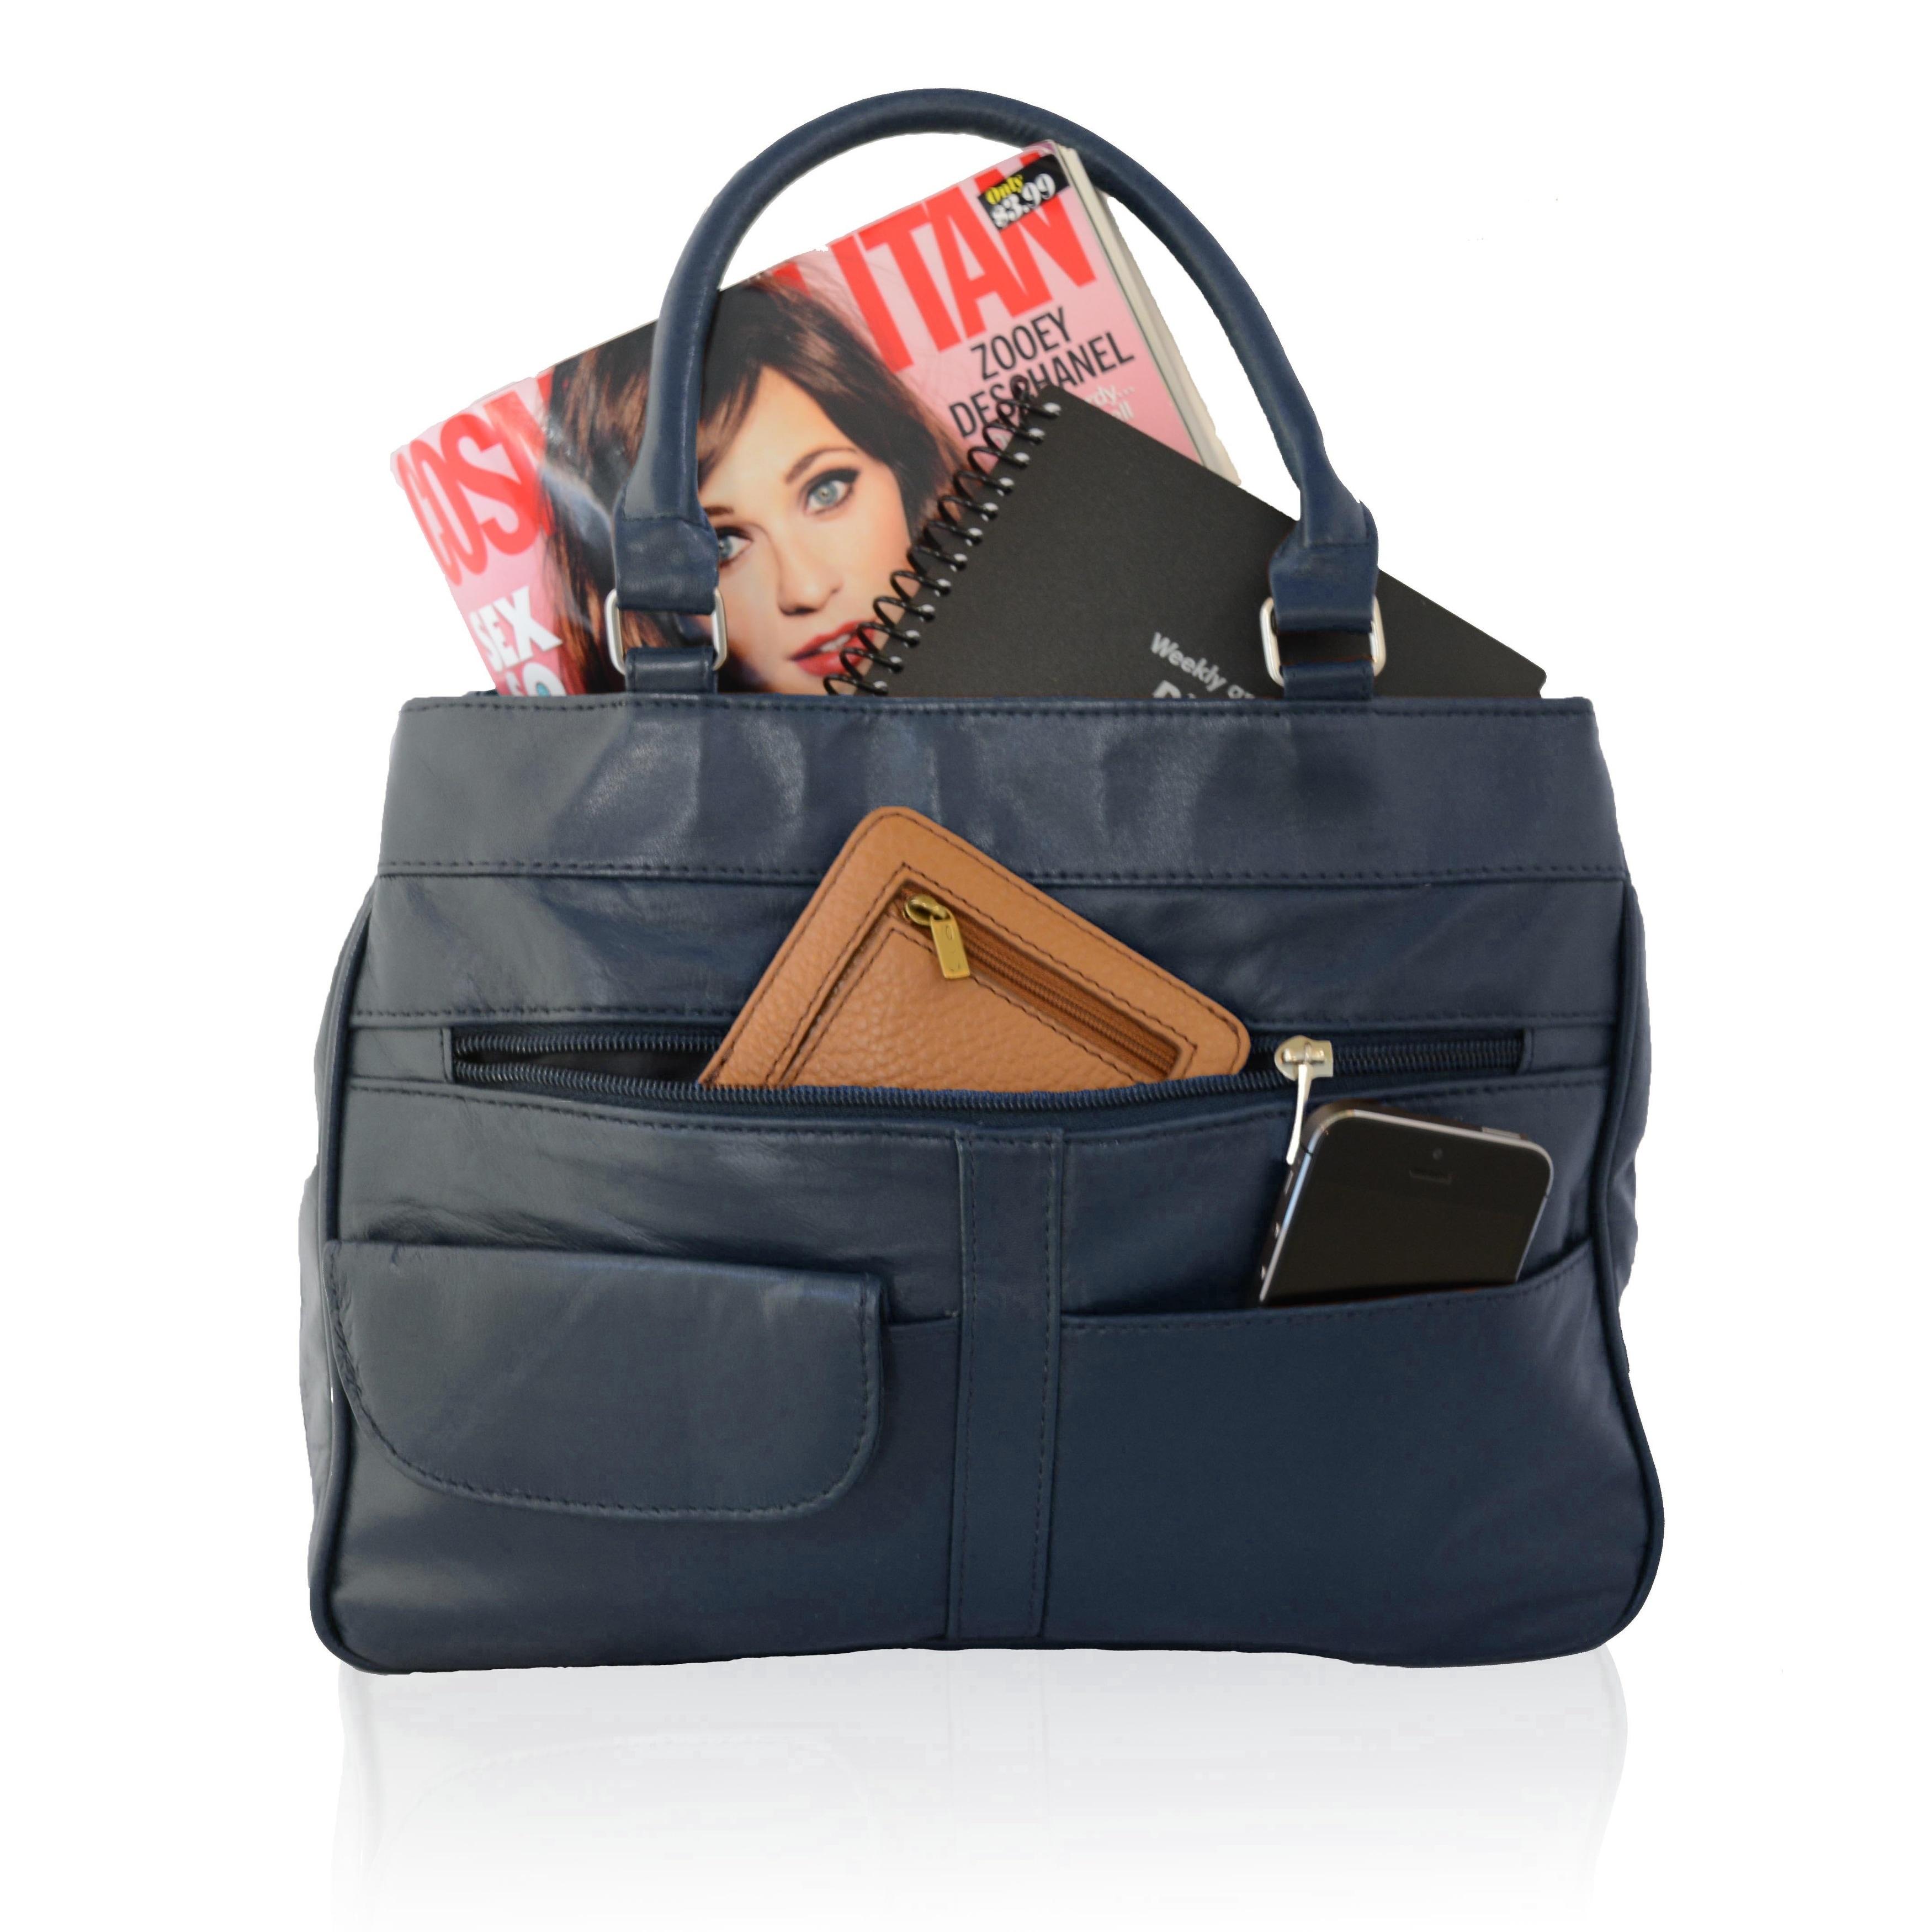 Blue Handbags Shop Our Best Clothing Shoes Deals Online At Katespade Adrien Large Two Tone Authentic